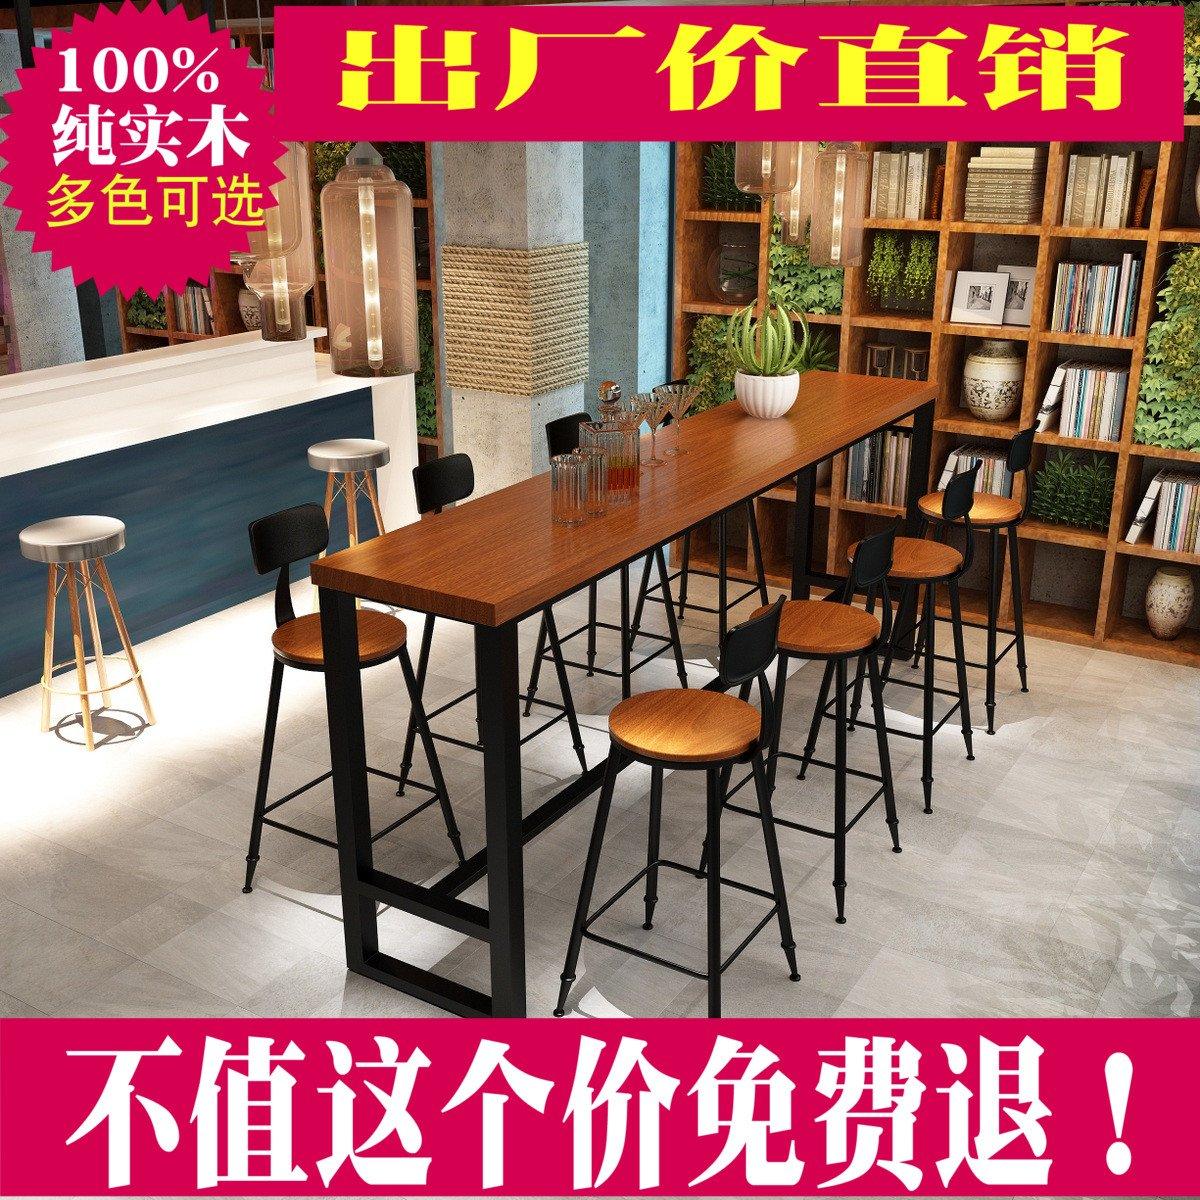 Сделанный на заказ дерево бар стол домой гостиная KTV бар кофе зал молочный чай магазин ходули столы и стулья сочетание полоса стол